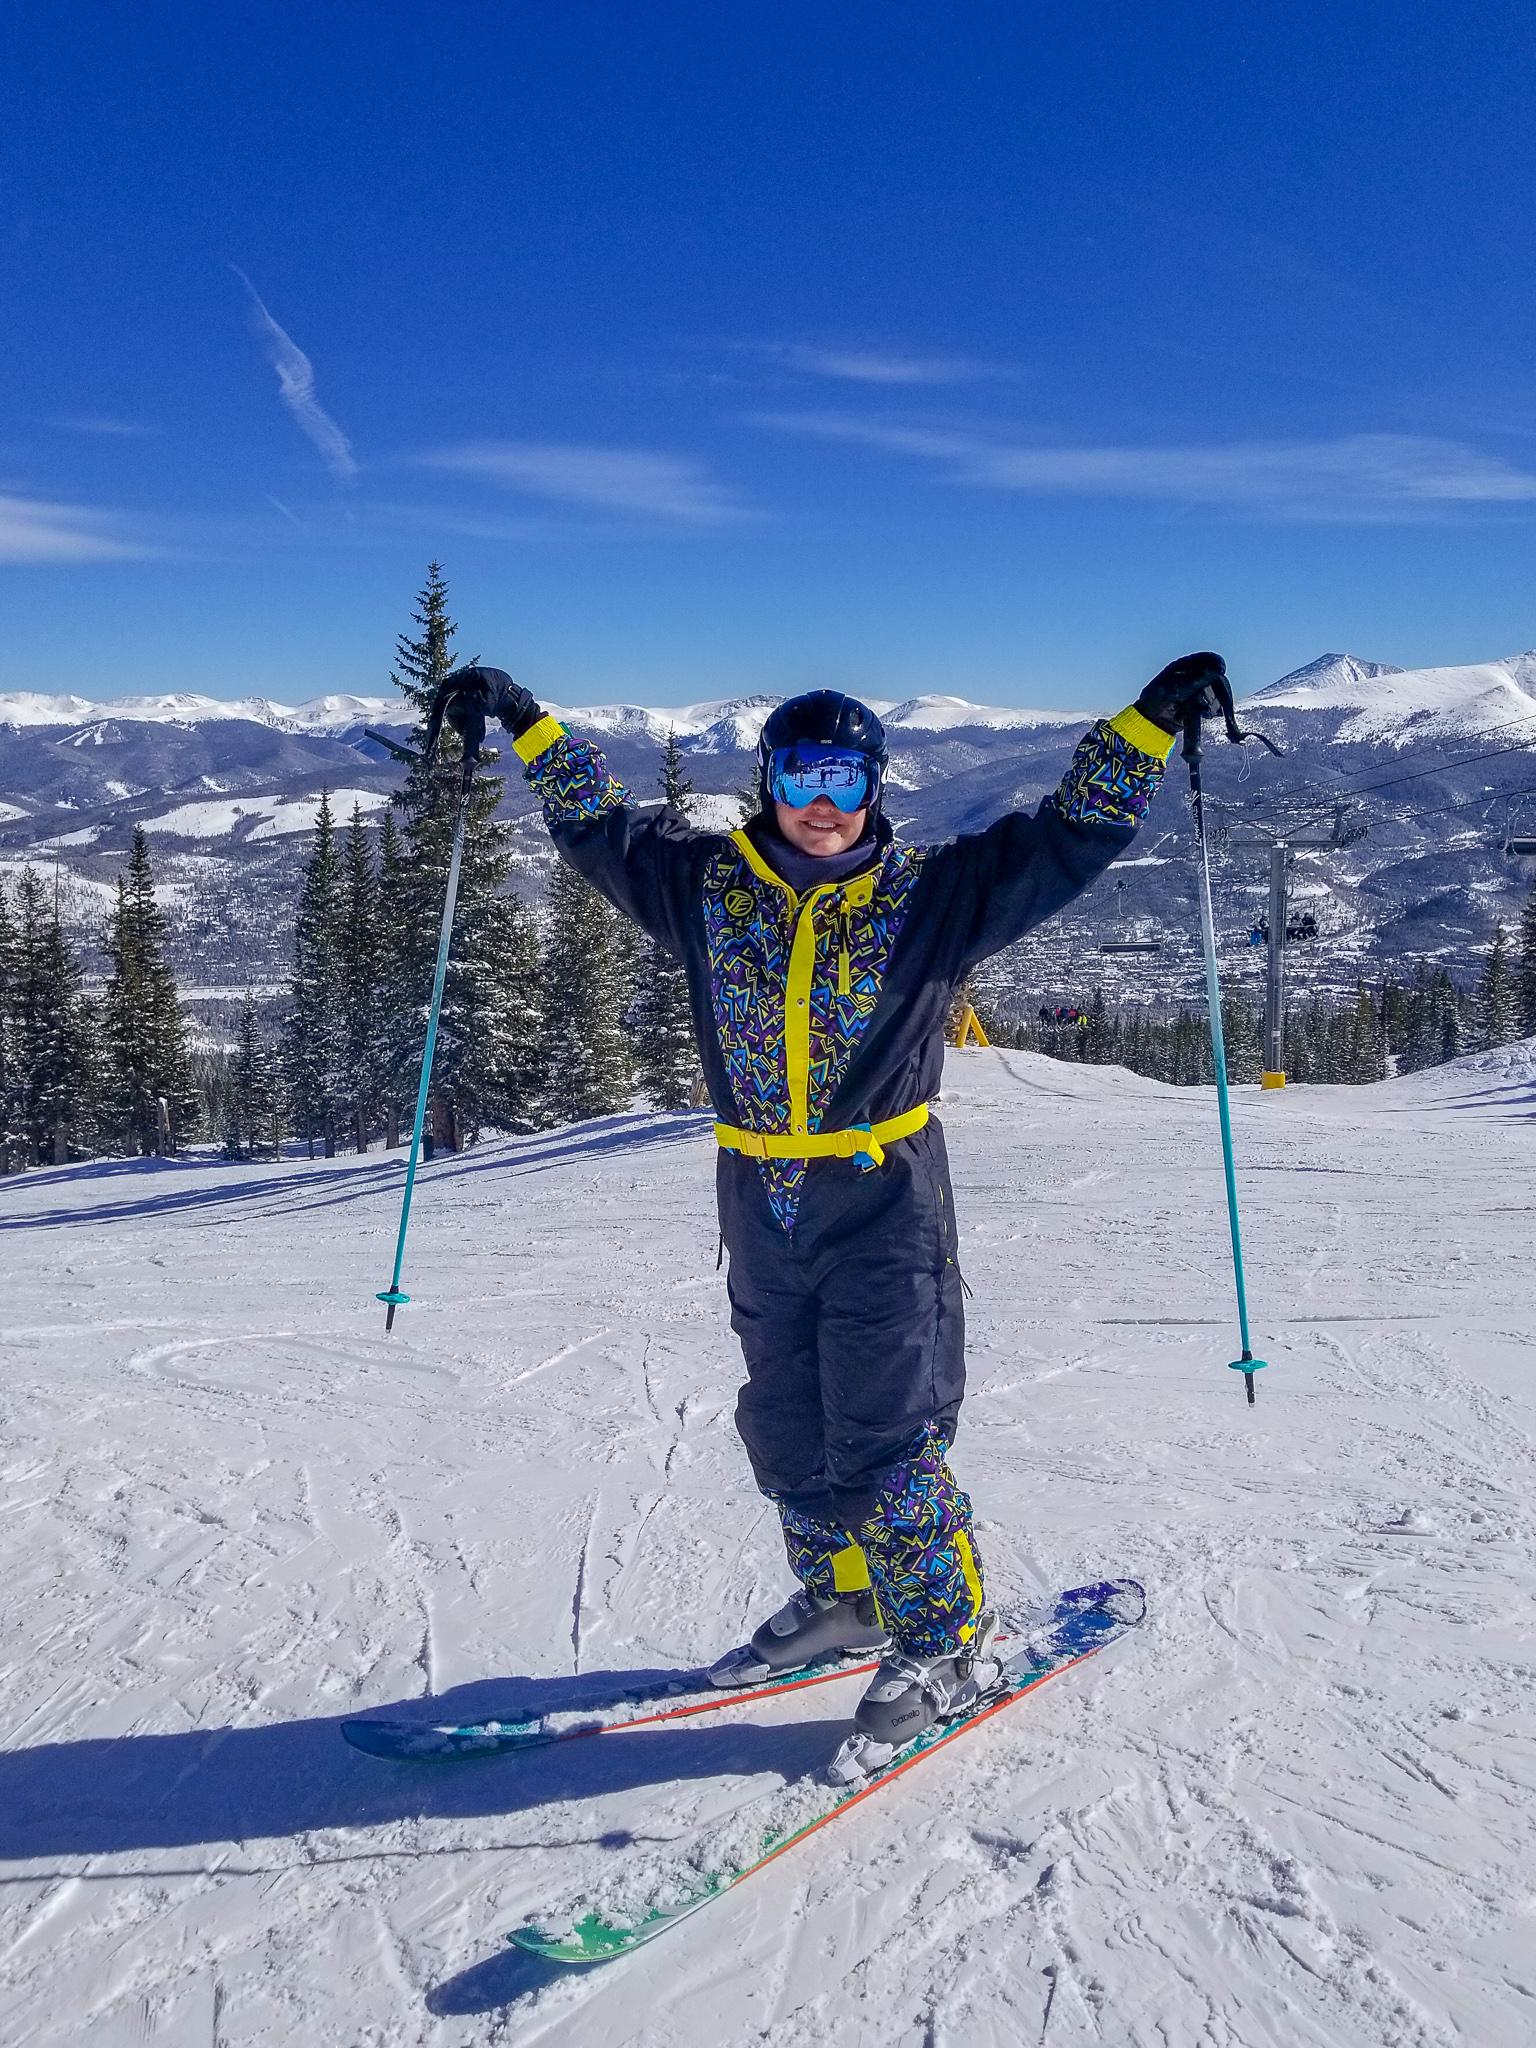 Winter Skiing in Breckenridge Colorado